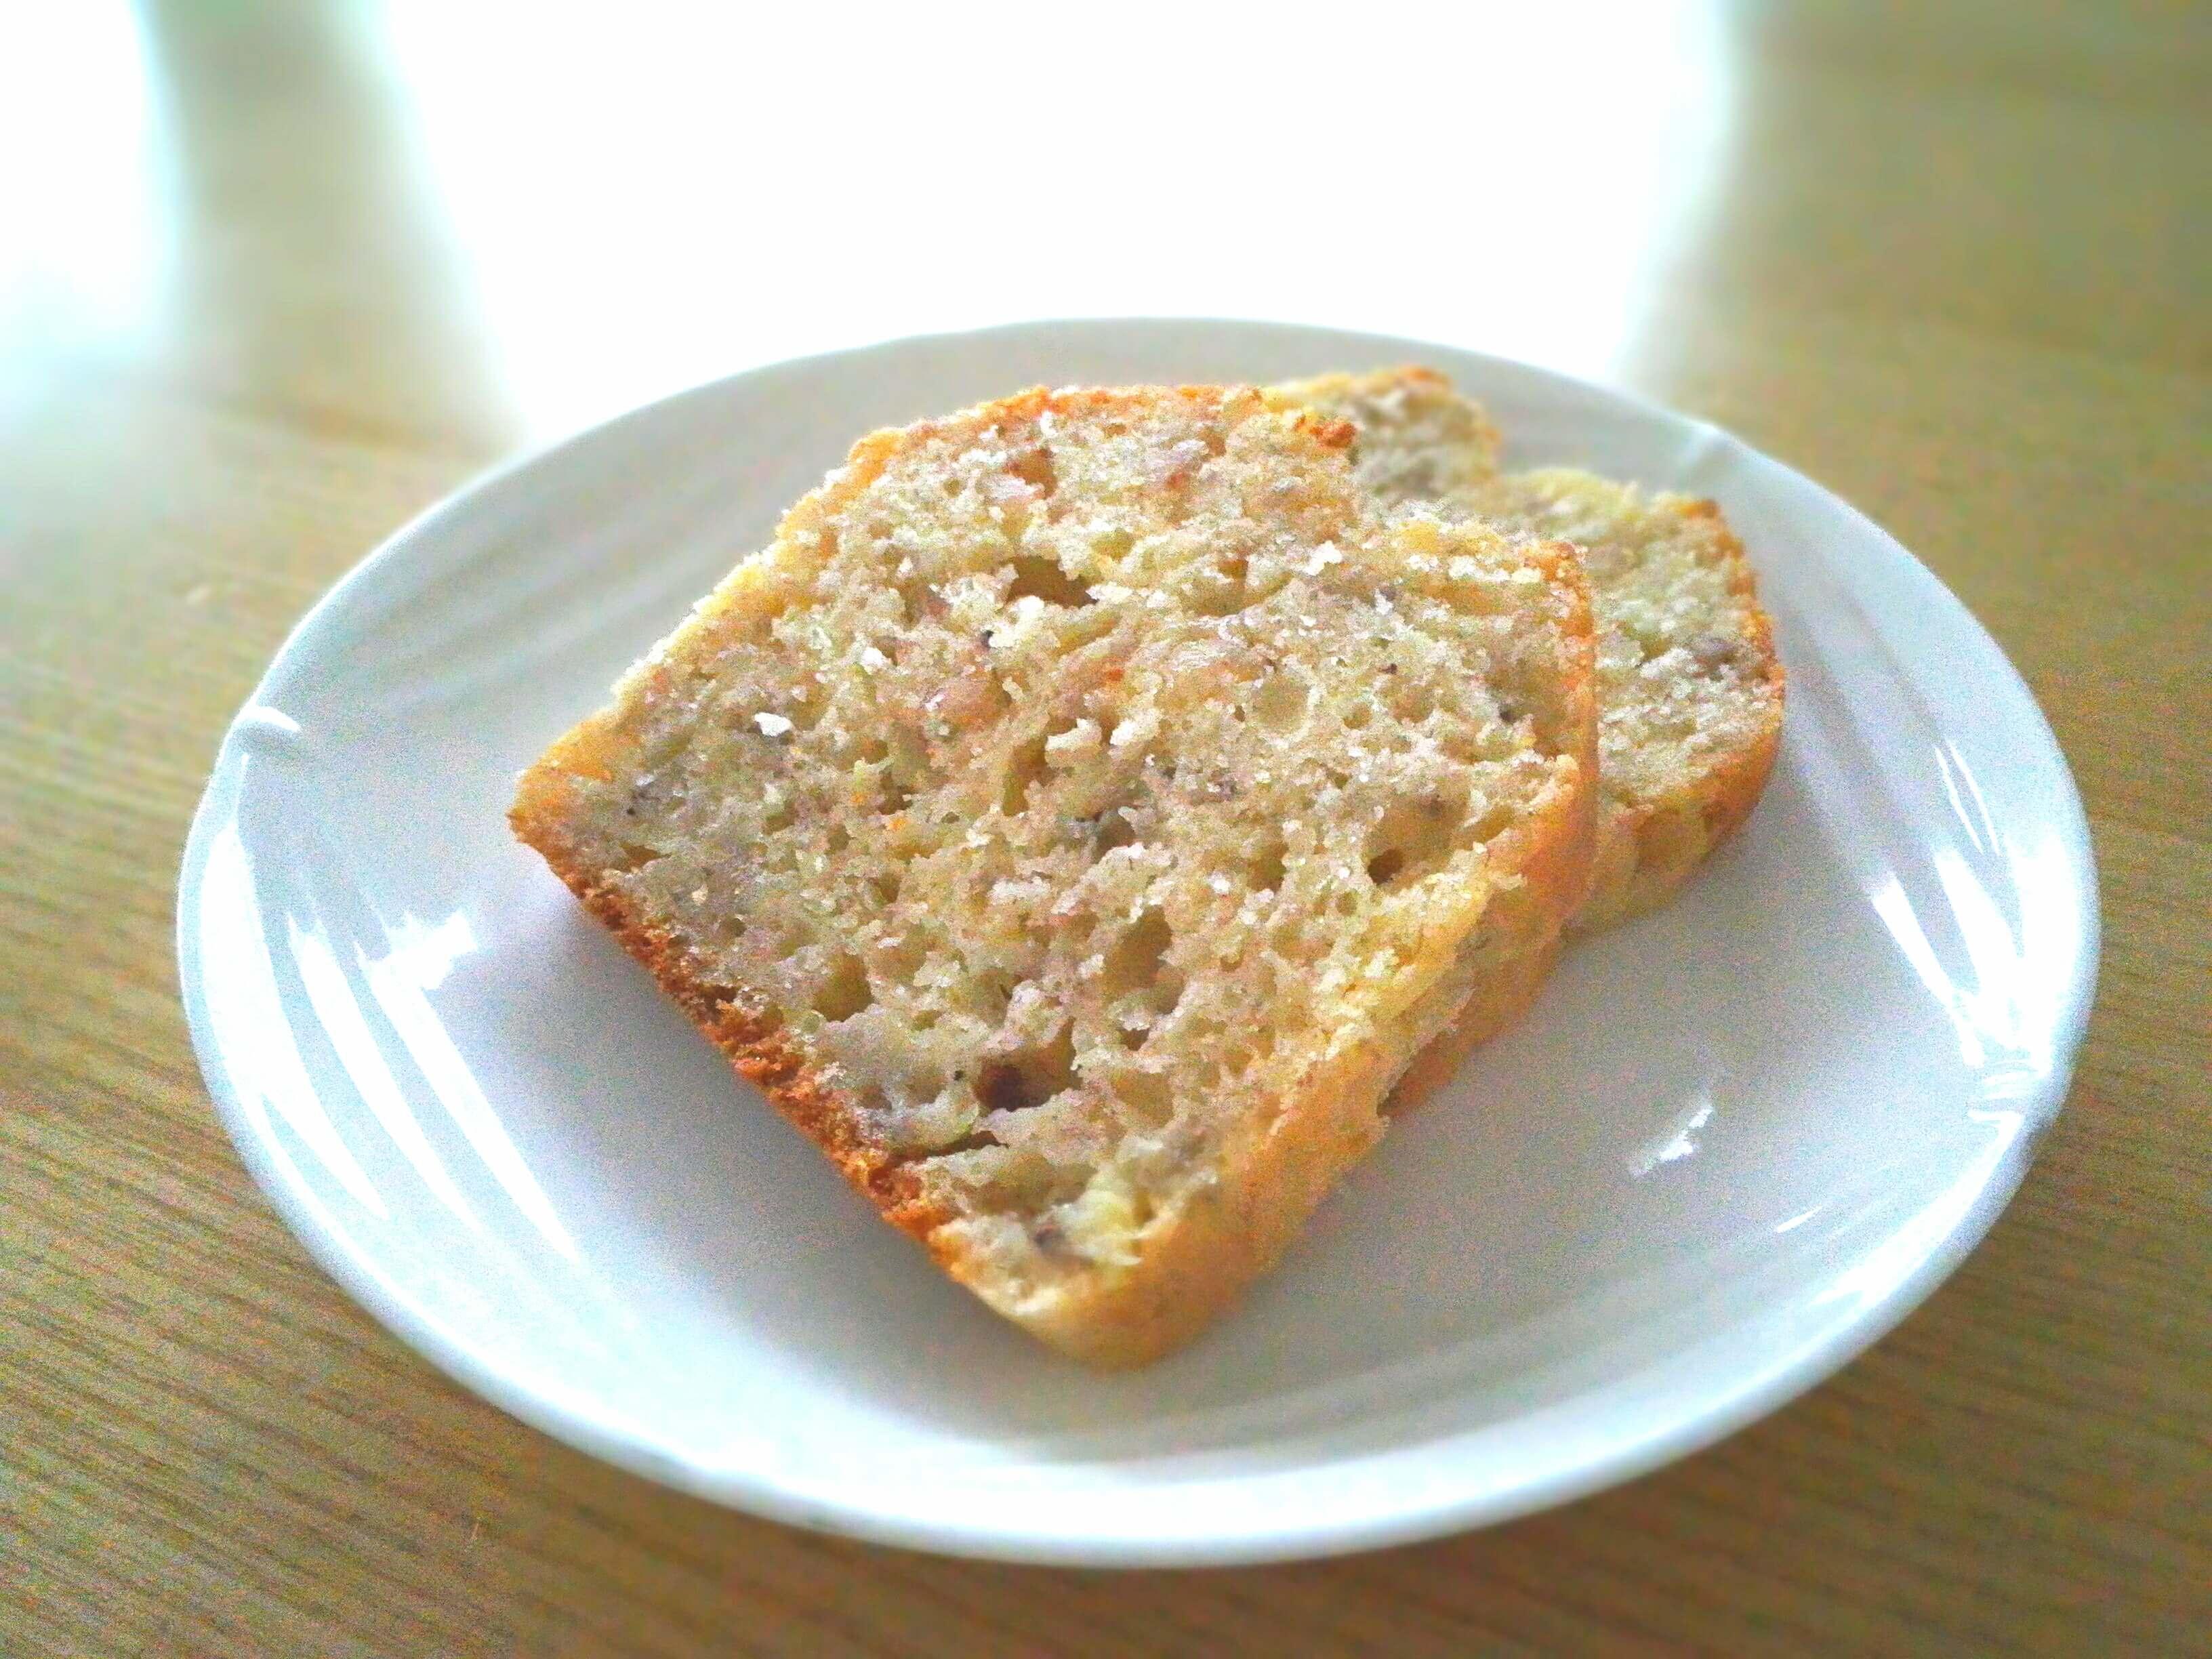 バナナを大量消費したい!クックパッドの人気レシピでパウンドケーキを作りました。